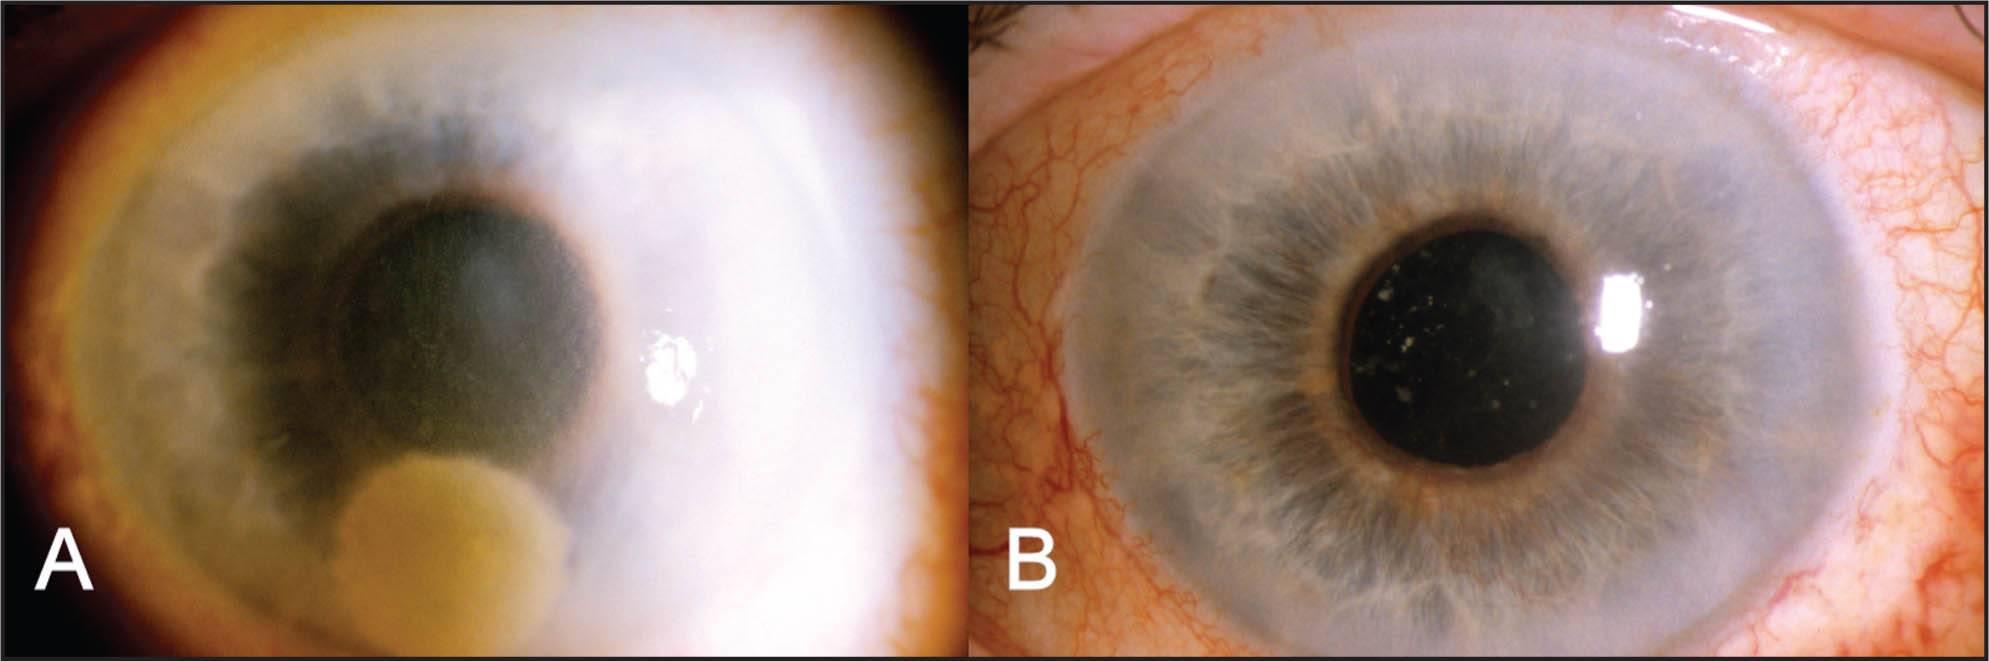 Кератопатия роговицы глаза: лечение, виды (буллезная, лентовидная, точечная)